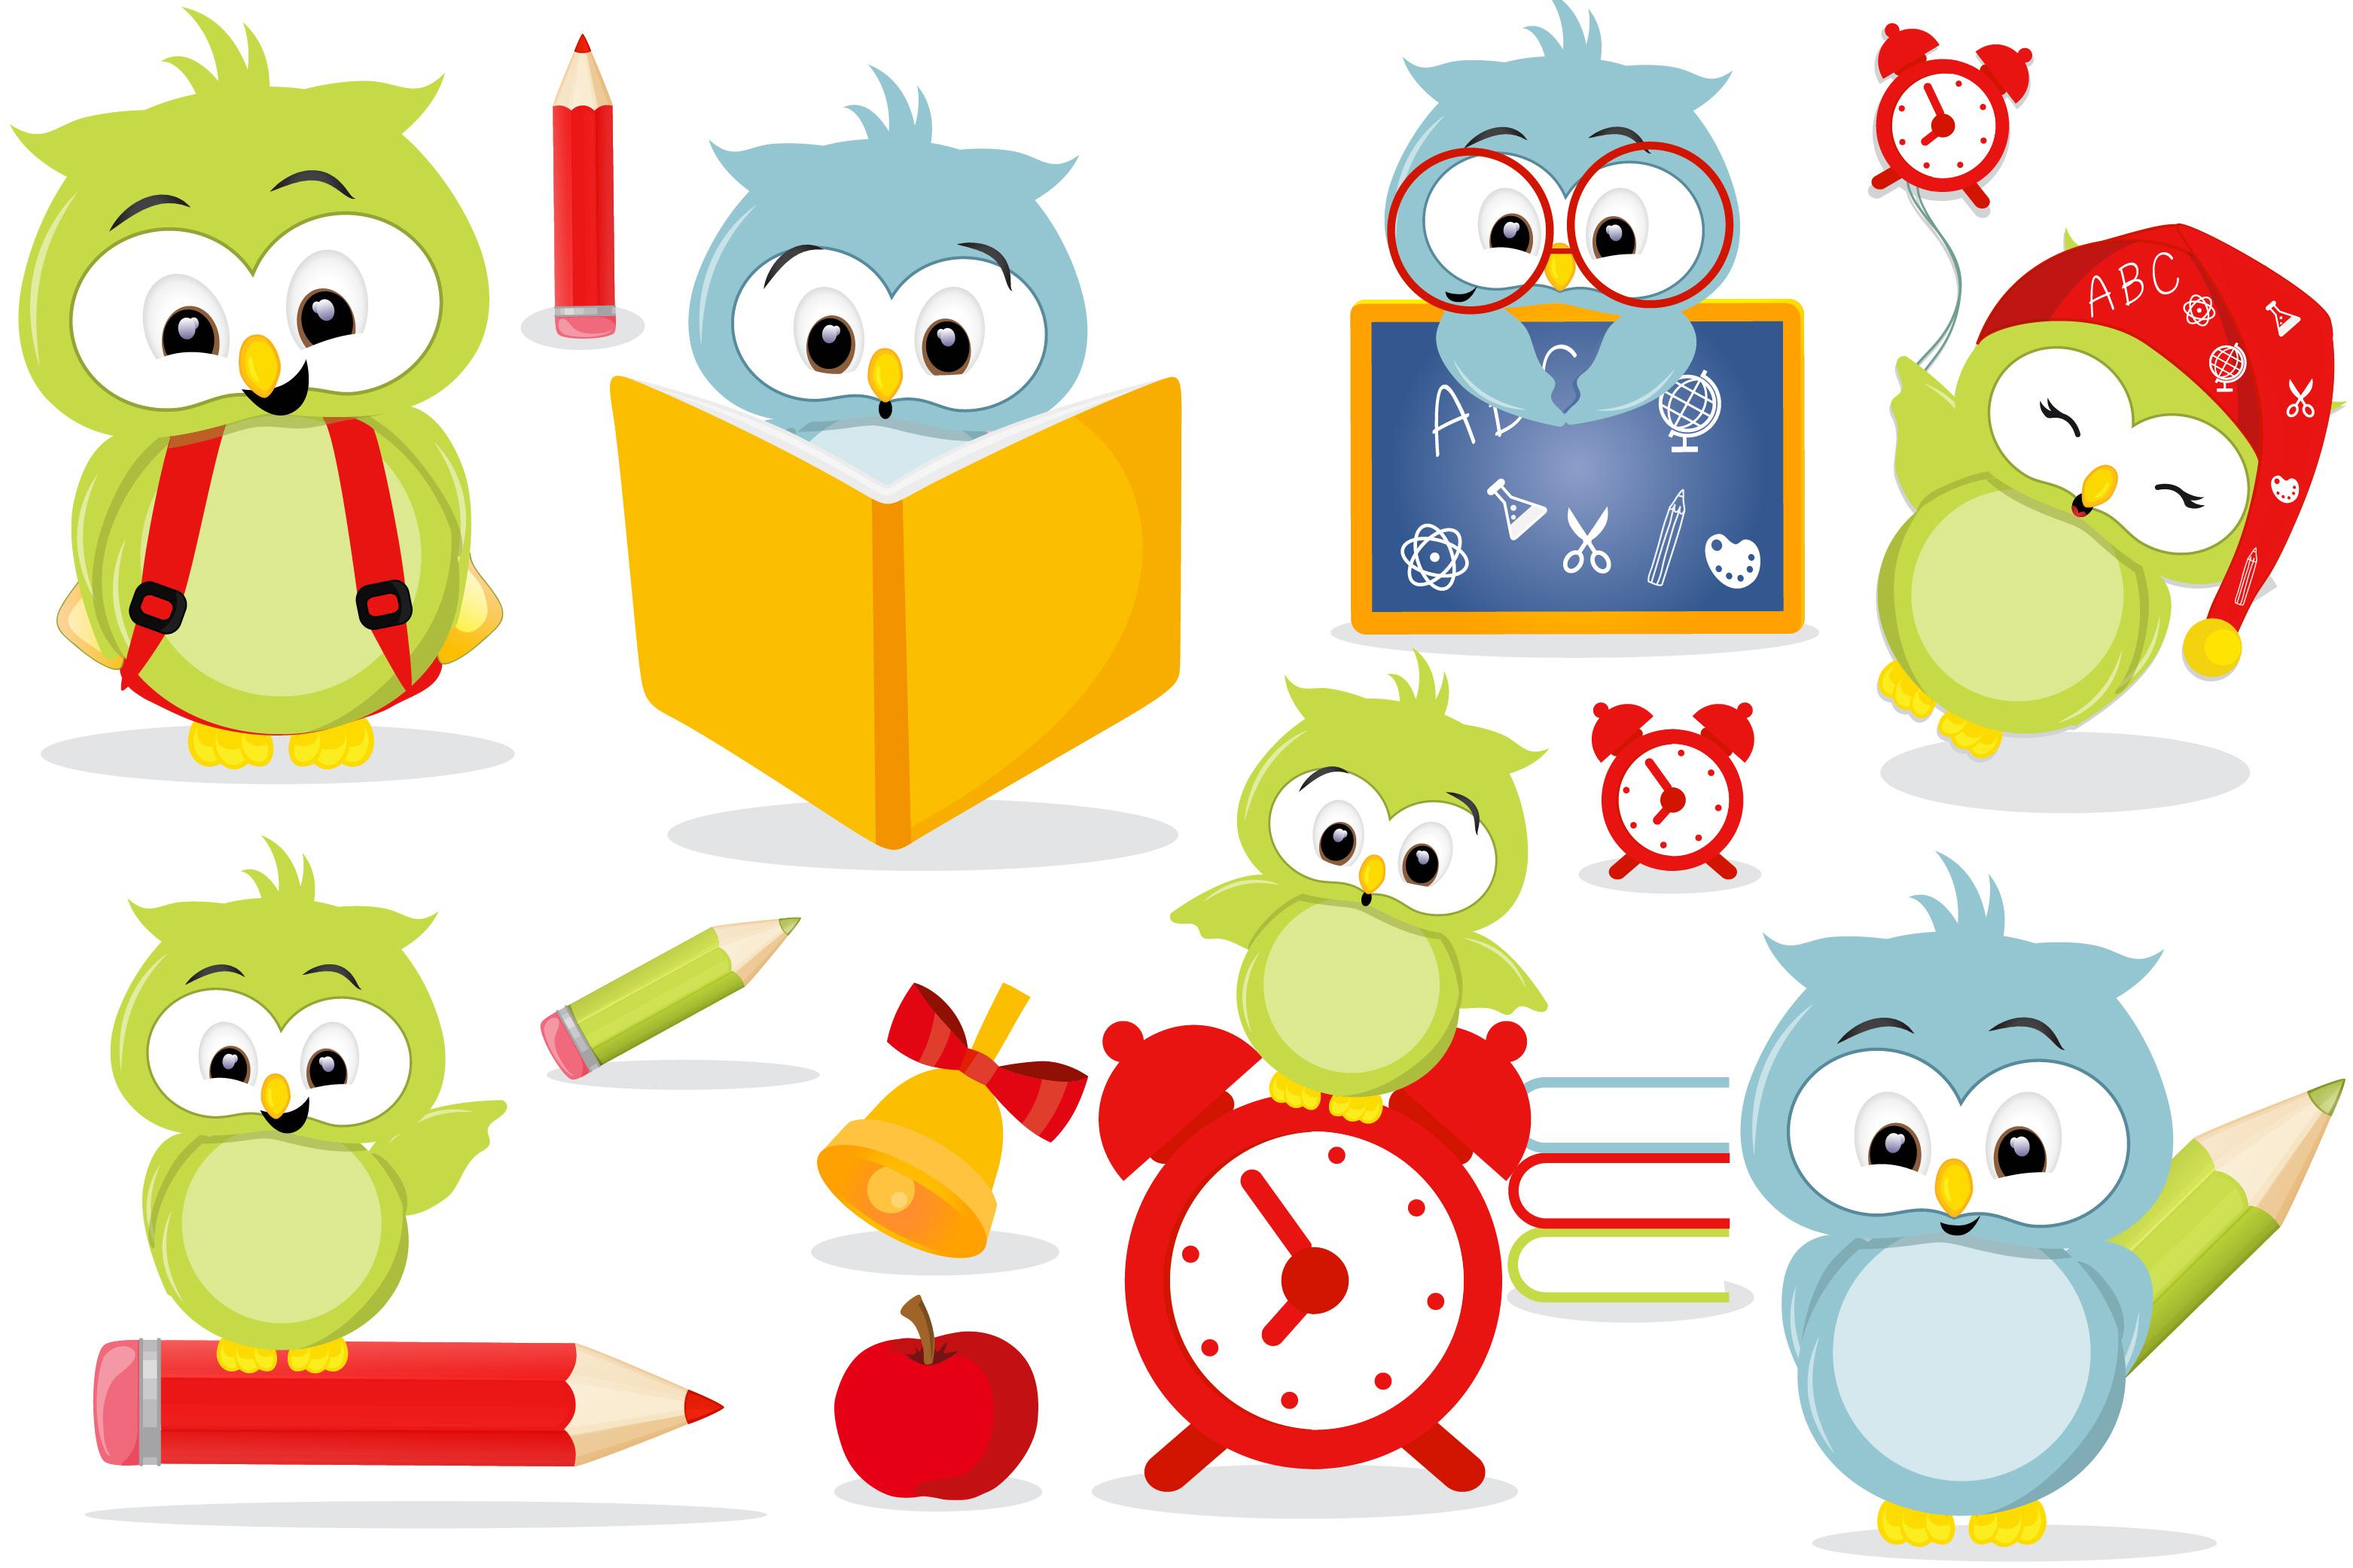 Owls in school clipart, Owls in school graphics.